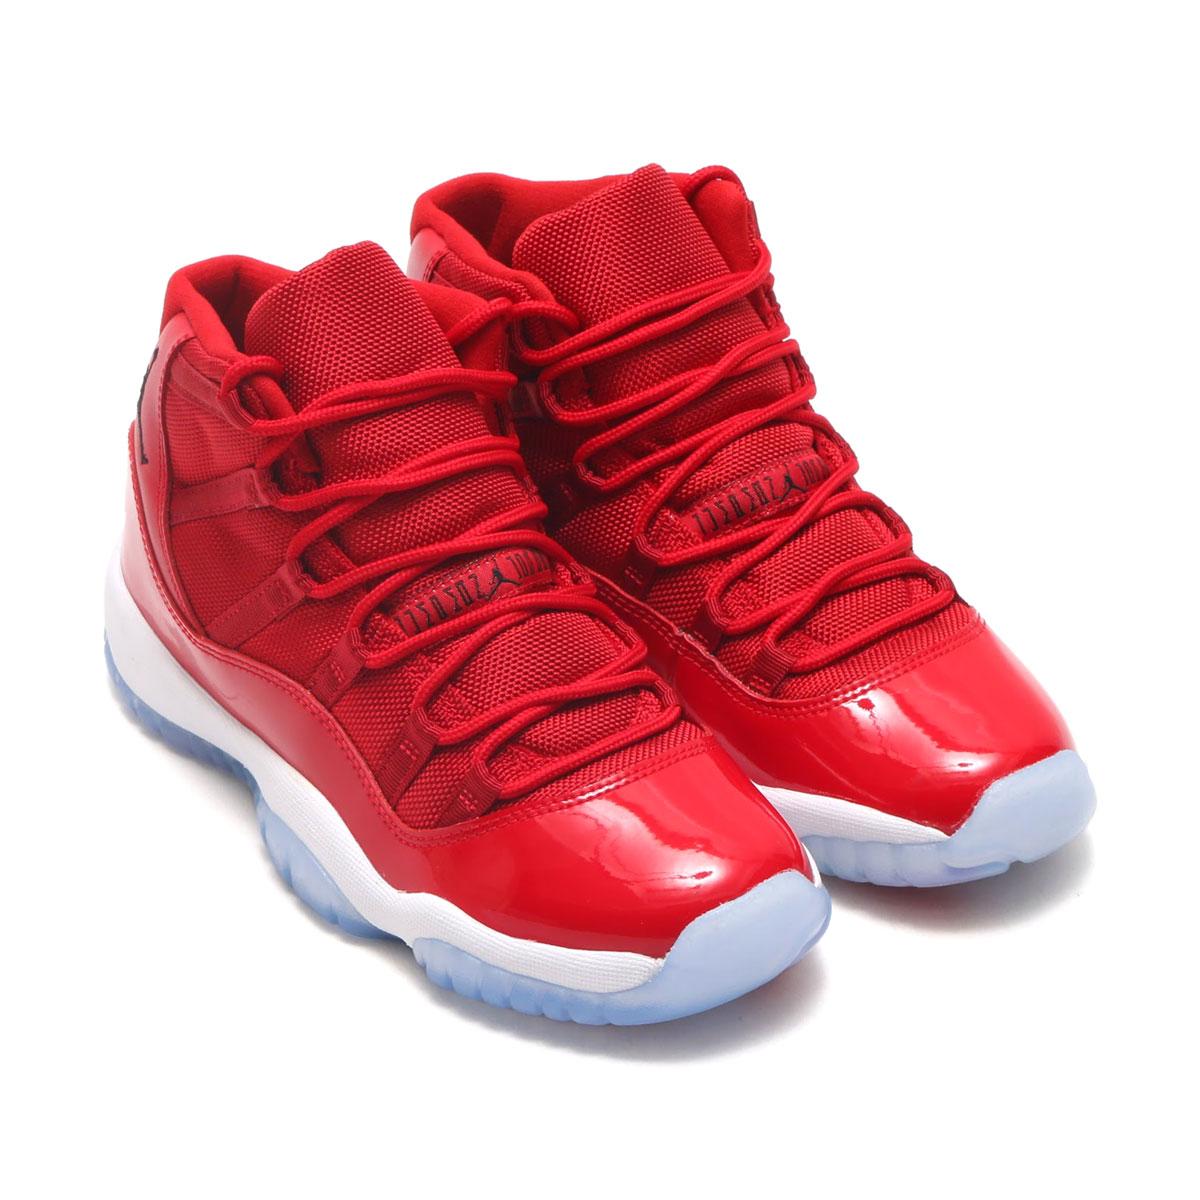 47dd6f8d31a9f0 atmos pink  NIKE AIR JORDAN 11 RETRO BG (Nike Air Jordan 11 nostalgic BG) (GYM  RED BLACK-WHITE) 17HO-S